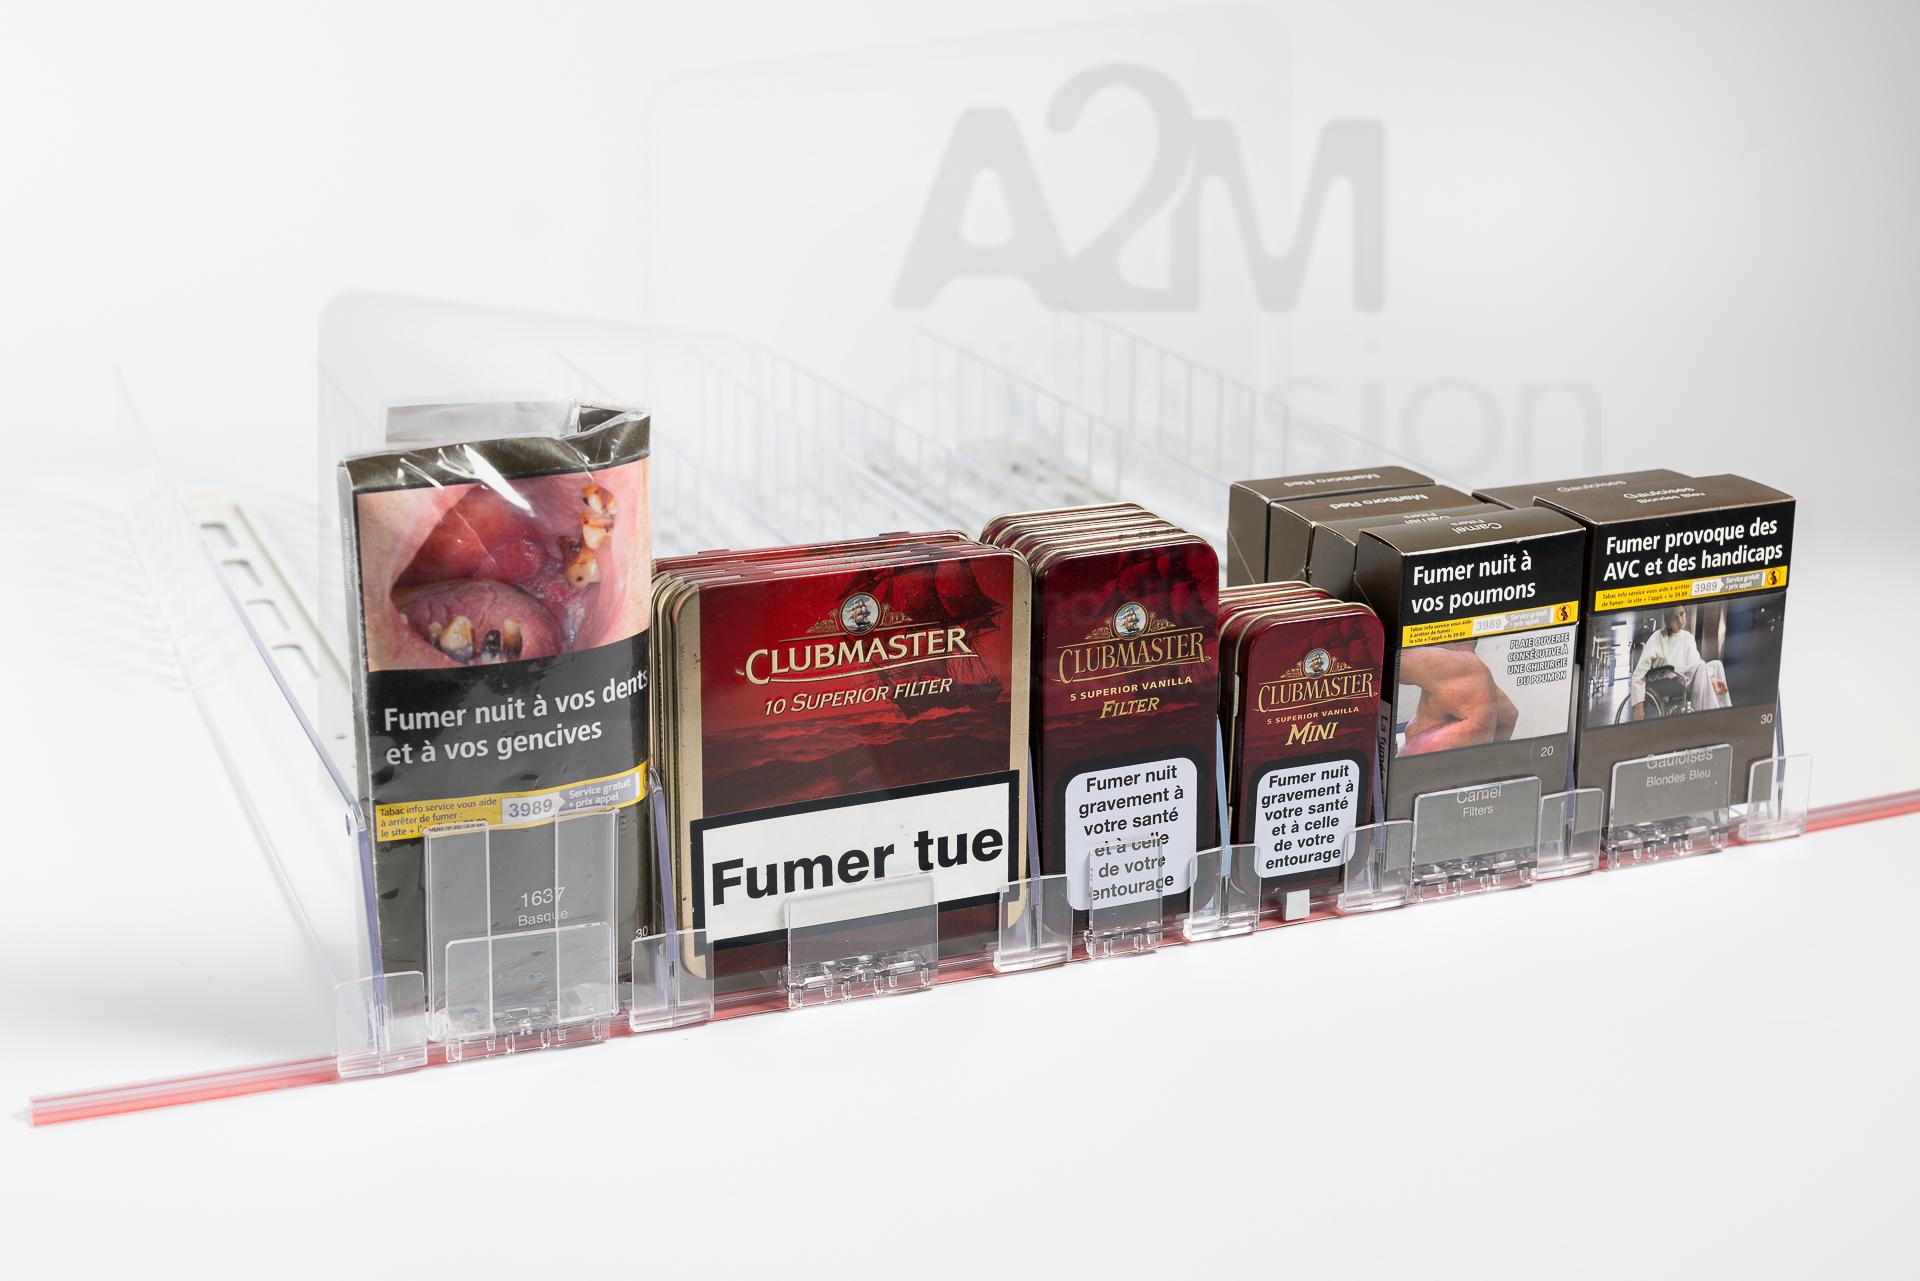 Poussoir pour le tabac debout et les cigares